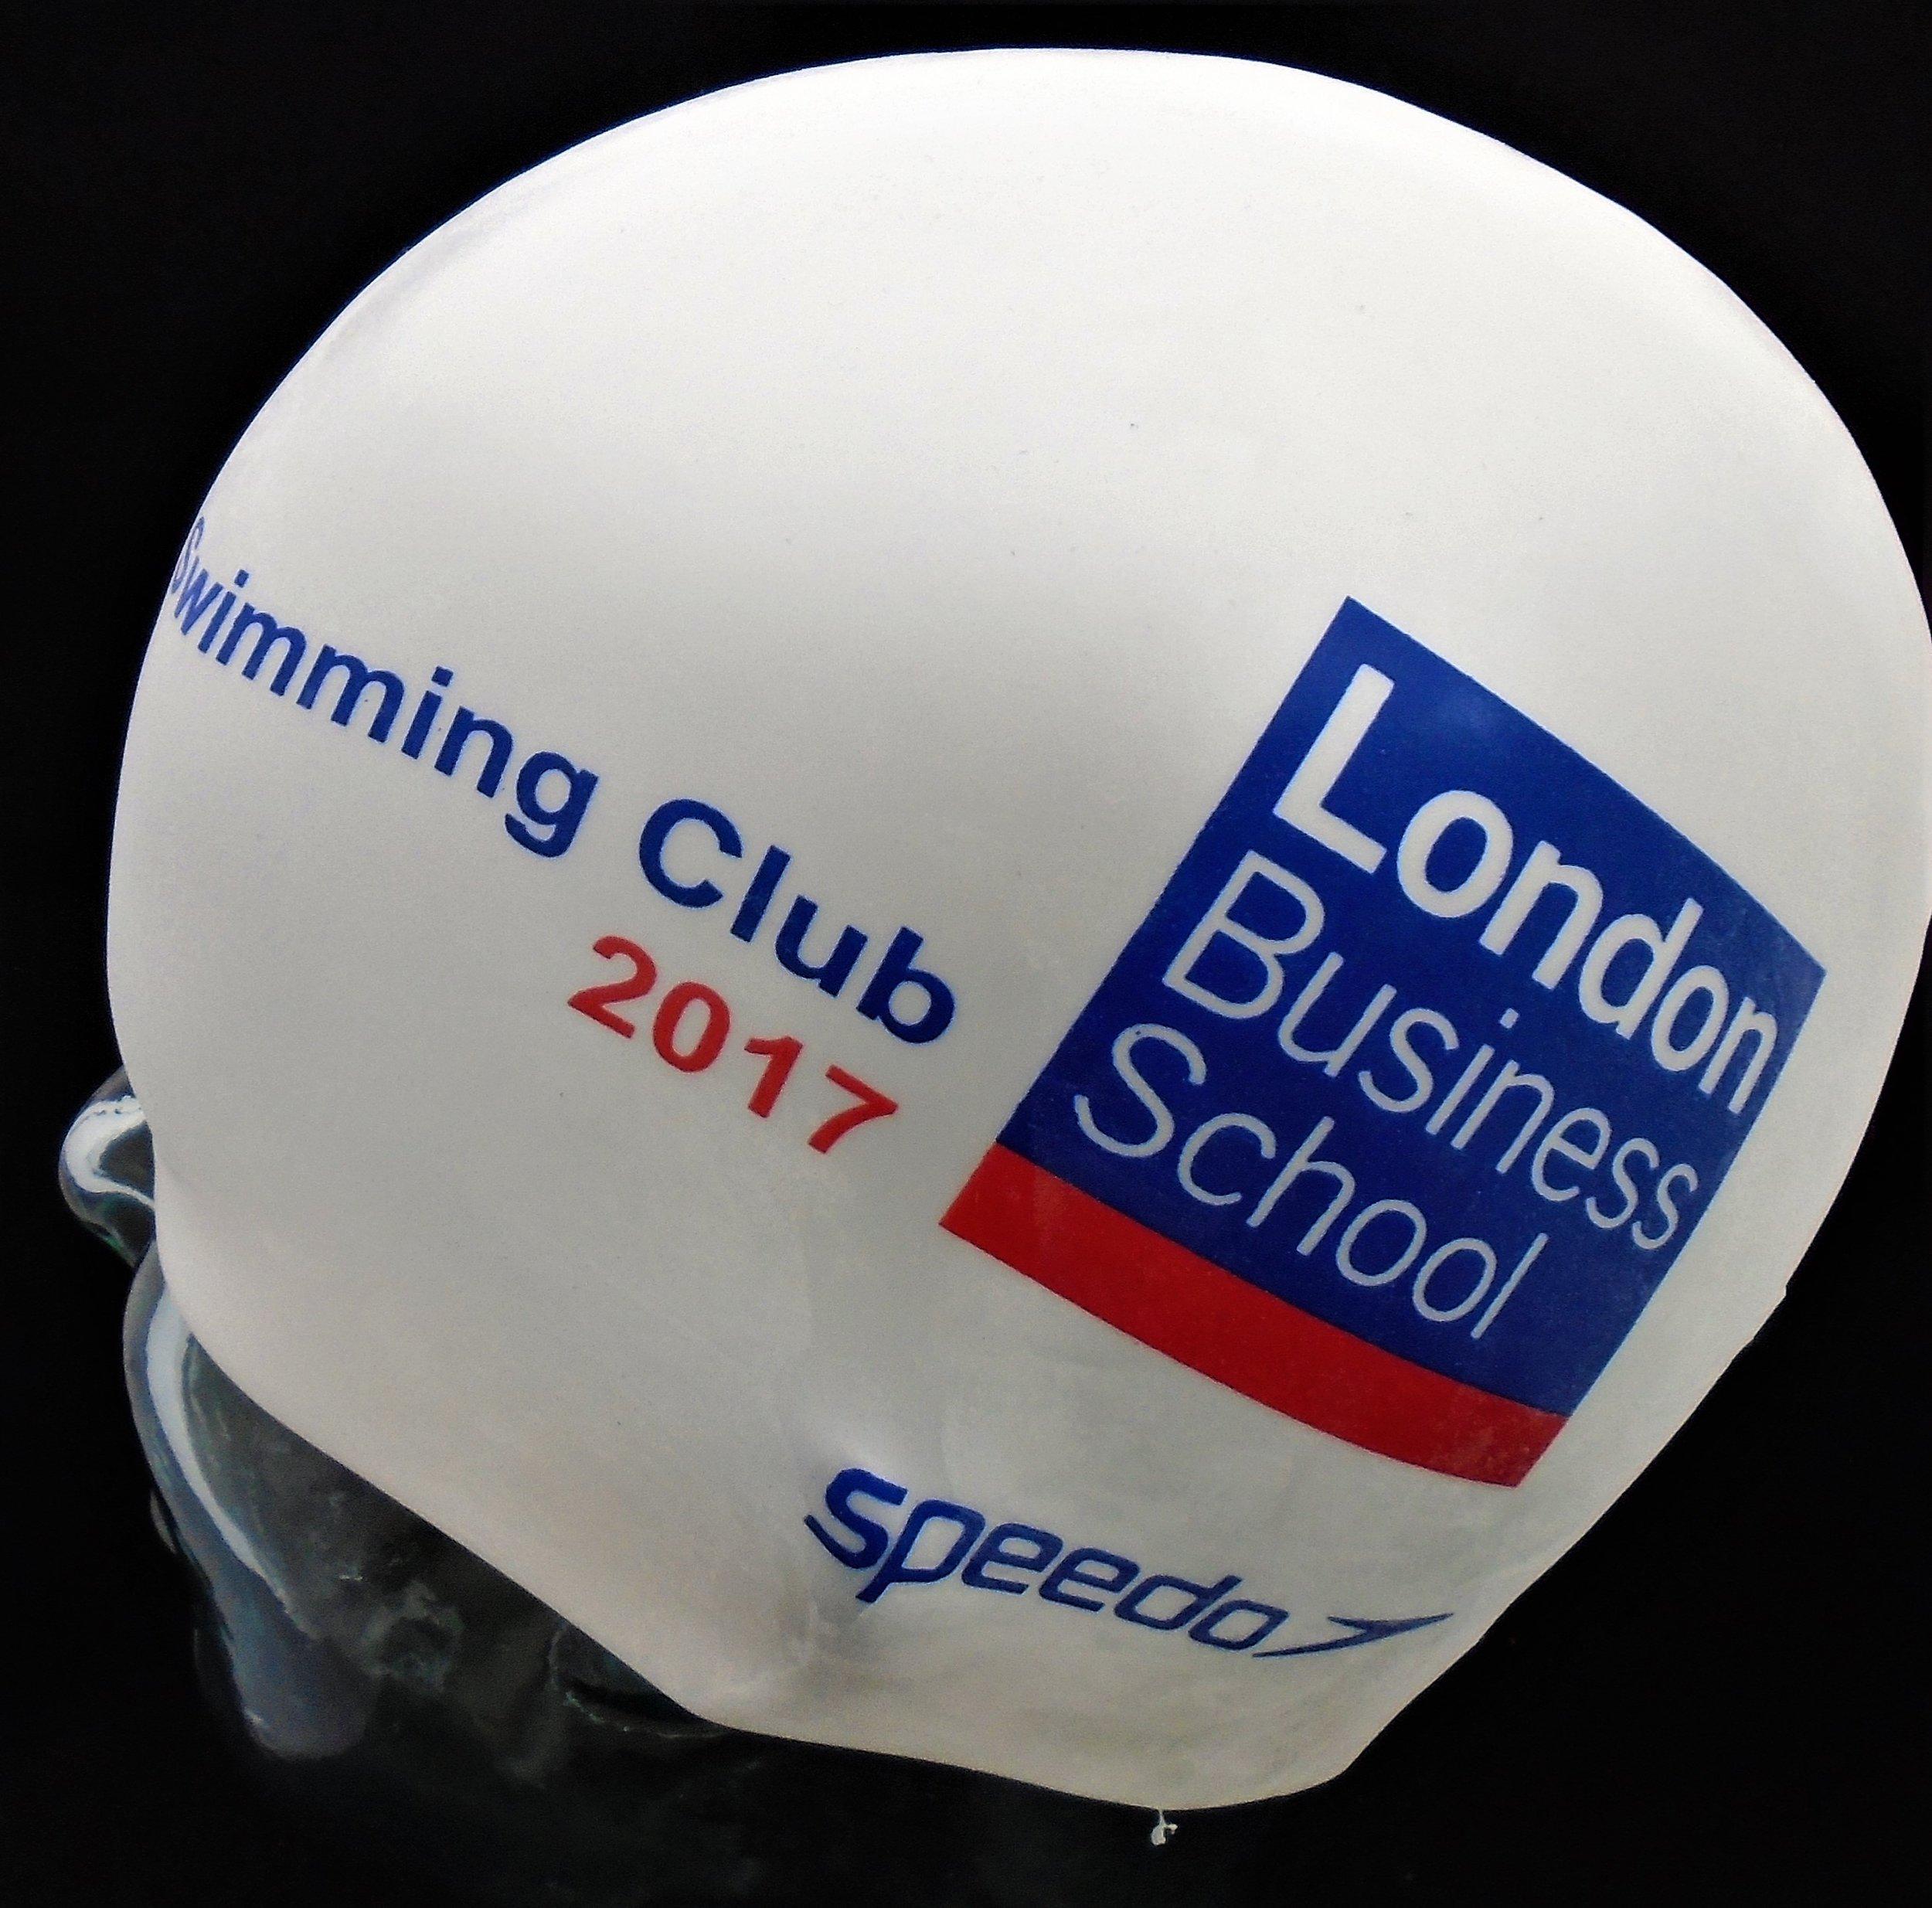 London Business School.jpg